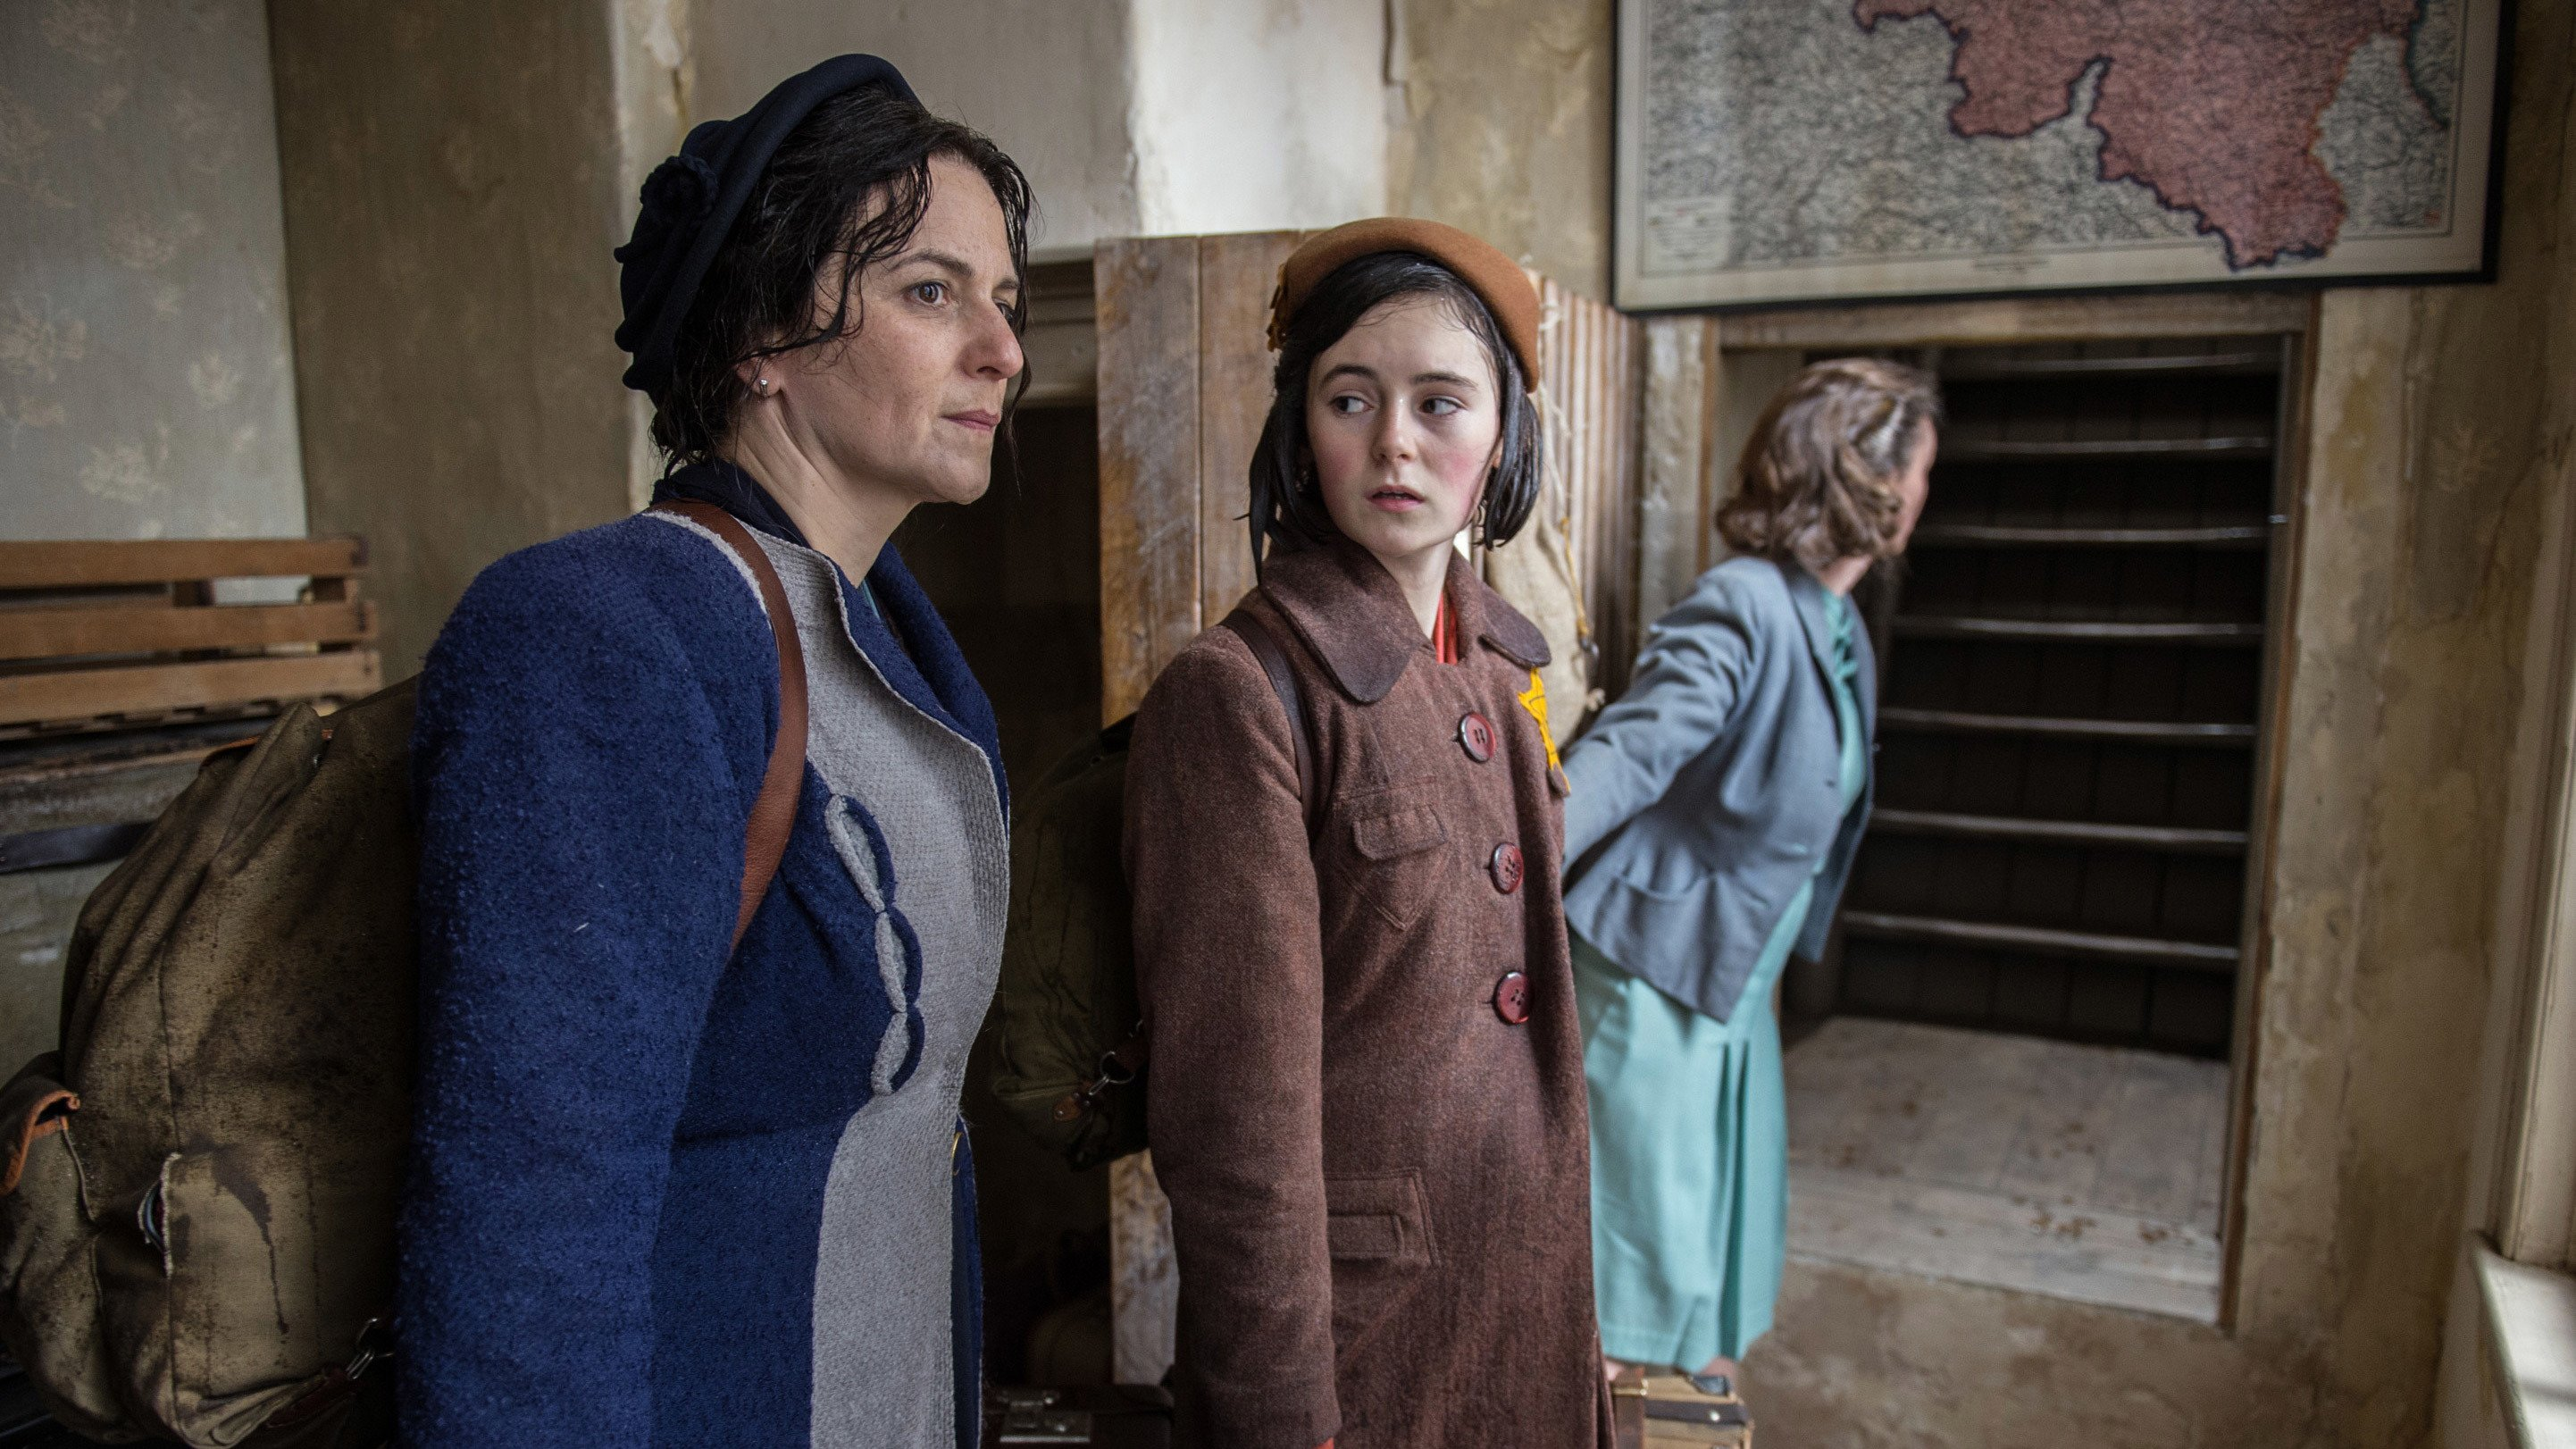 Regarder Das Tagebuch der Anne Frank en streaming gratuit